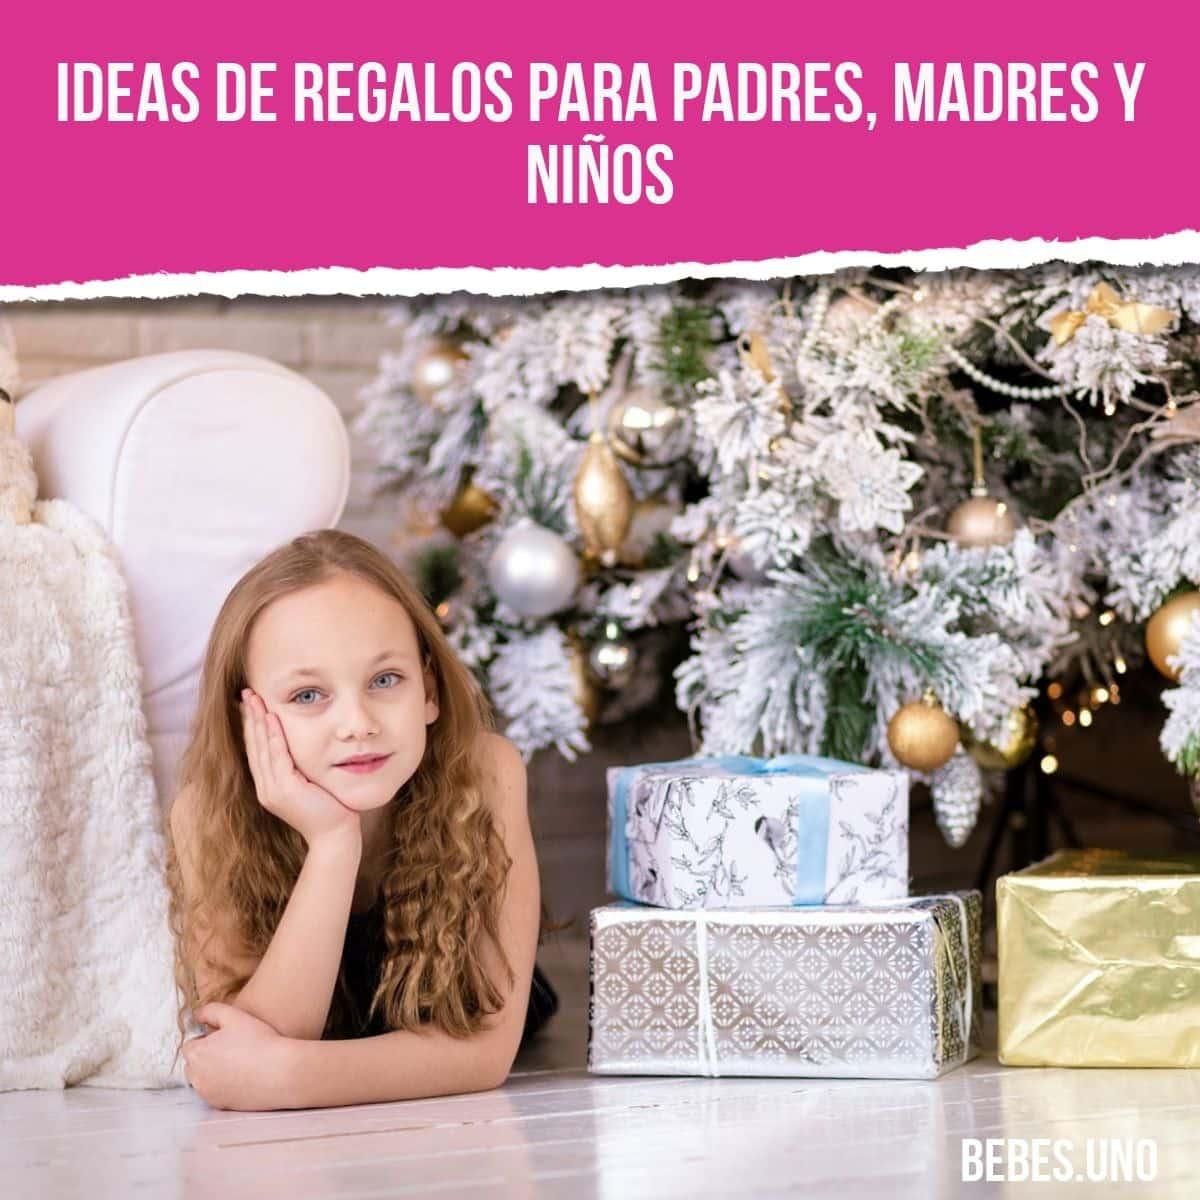 Ideas de regalos para padres, madres y niños